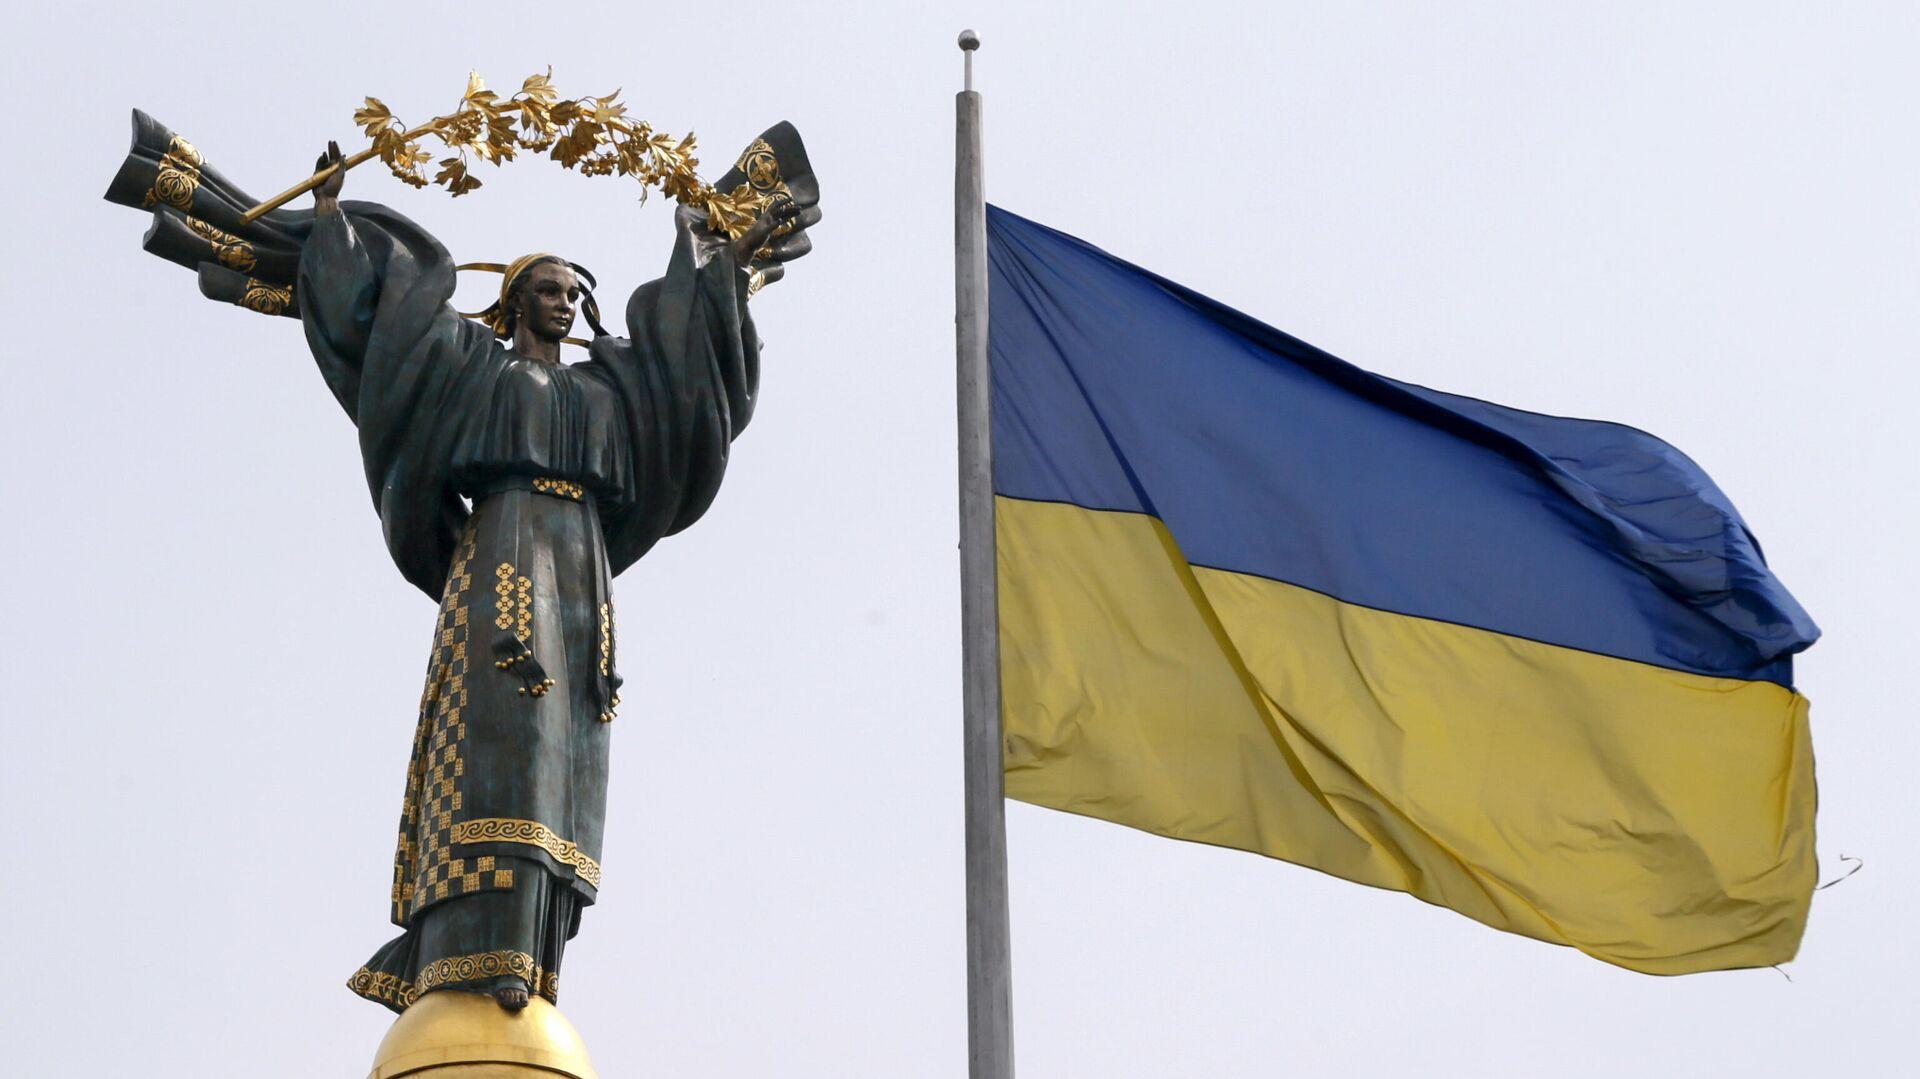 Монумент Независимости в Киеве - РИА Новости, 1920, 30.07.2021